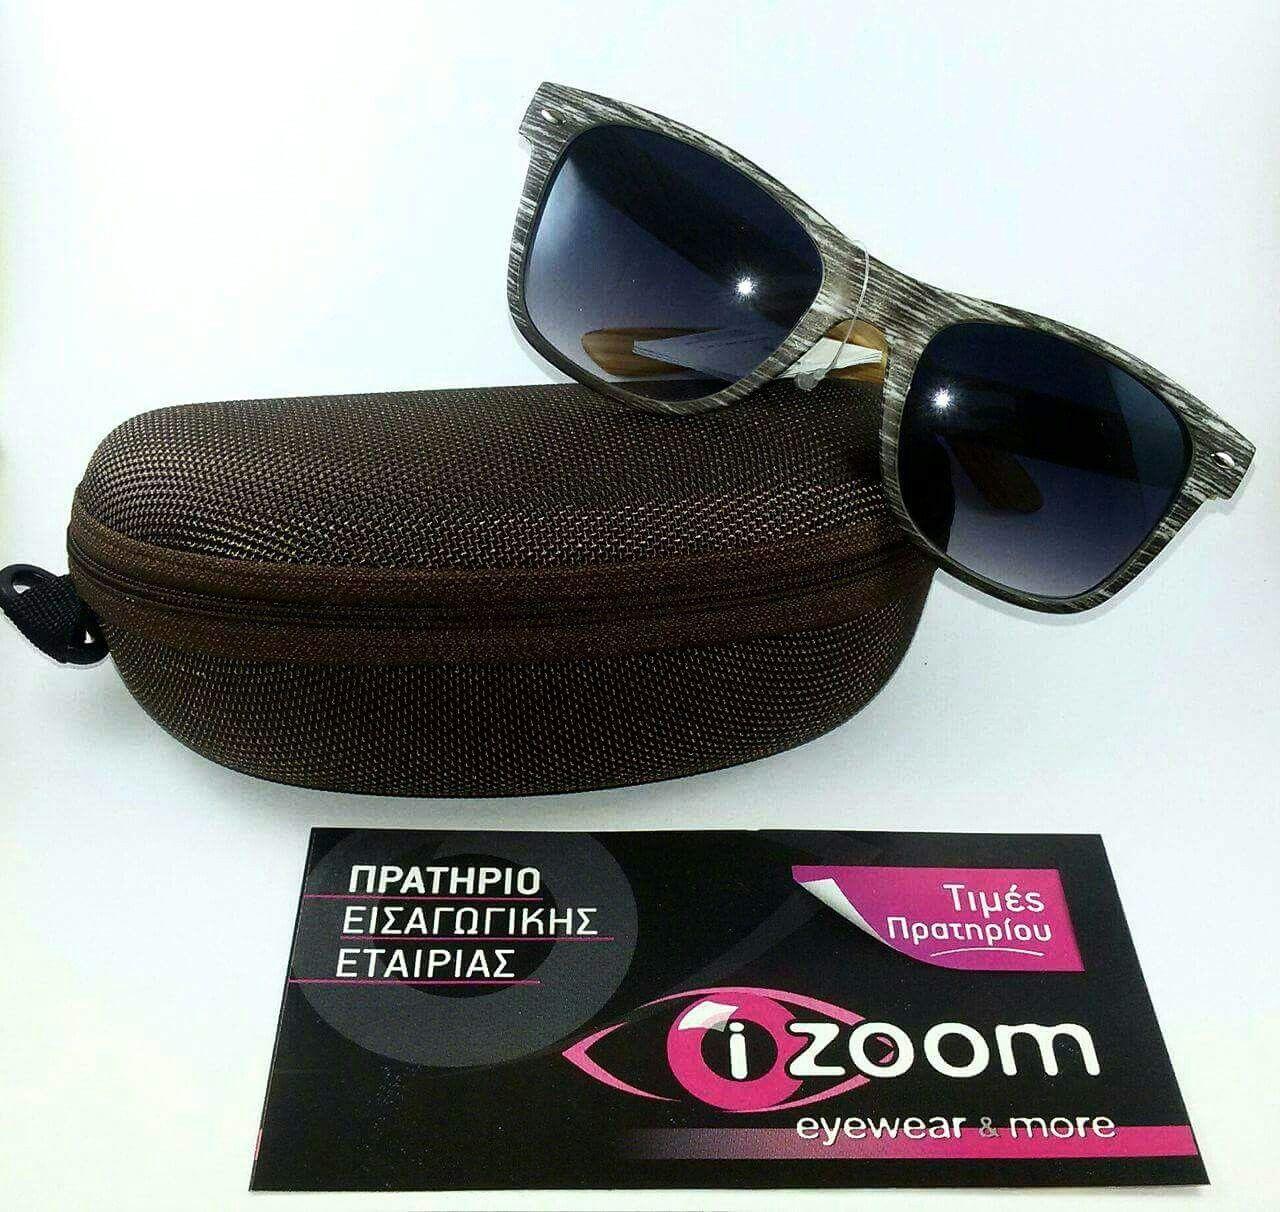 Γυαλιά Ηλίου 15,00€  Ακρωτηρίου 45 Πάτρα.  https://www.facebook.com/Izoom.eyewear.and.more/